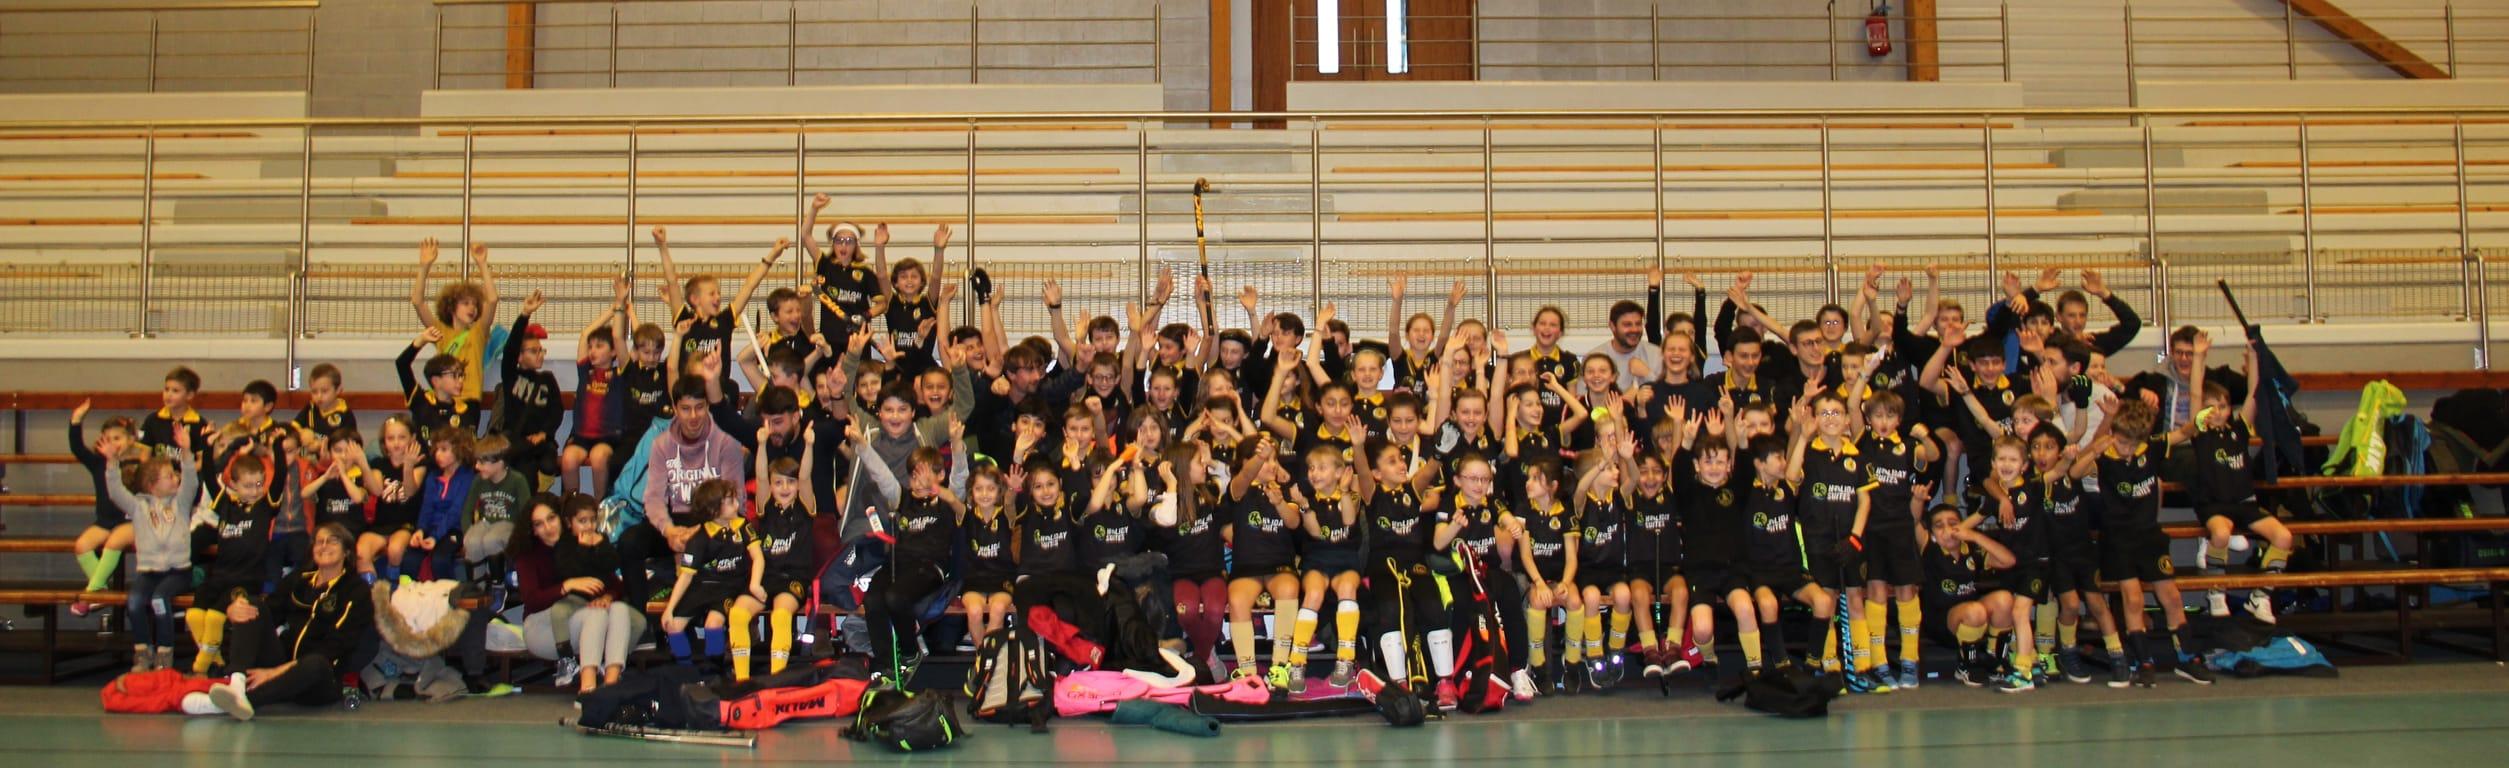 Wattignies Hockey Club